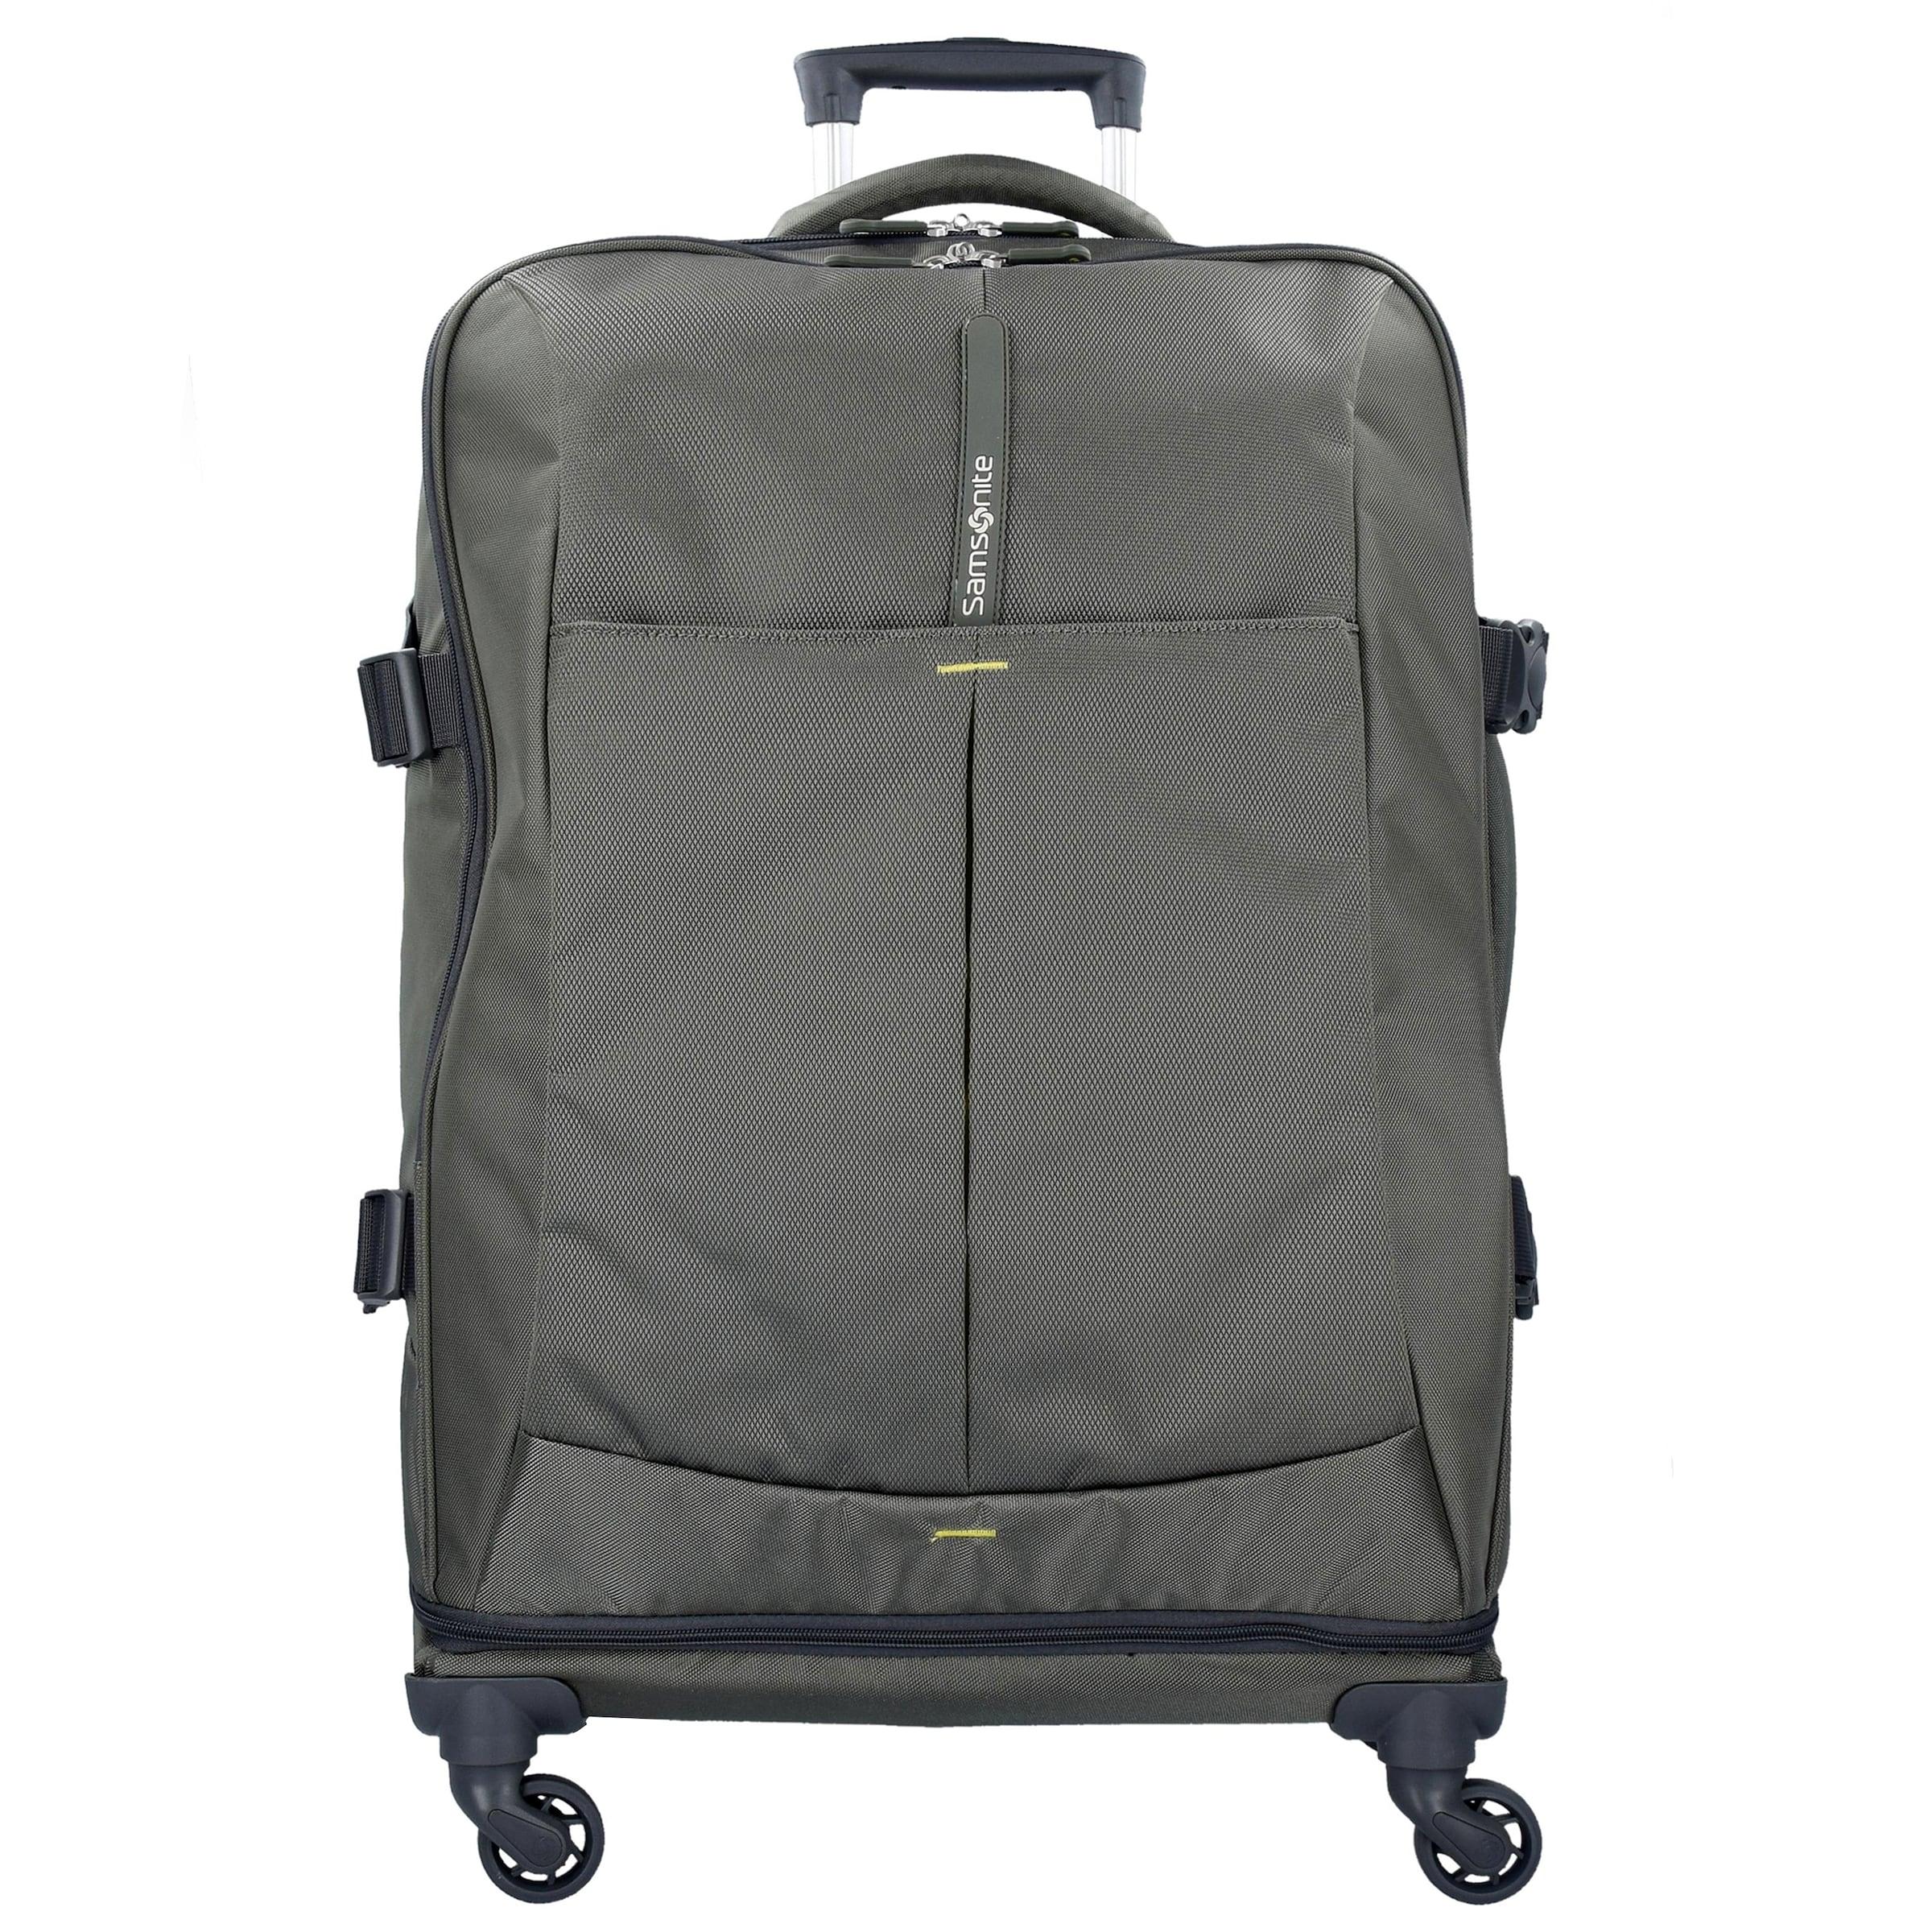 Kaufen Sie Günstig Online Preis SAMSONITE 4Mation Spinner 4-Rollen Reisetasche 77 cm Outlet Neuesten Kollektionen Günstig Kaufen Vorbestellung MettH